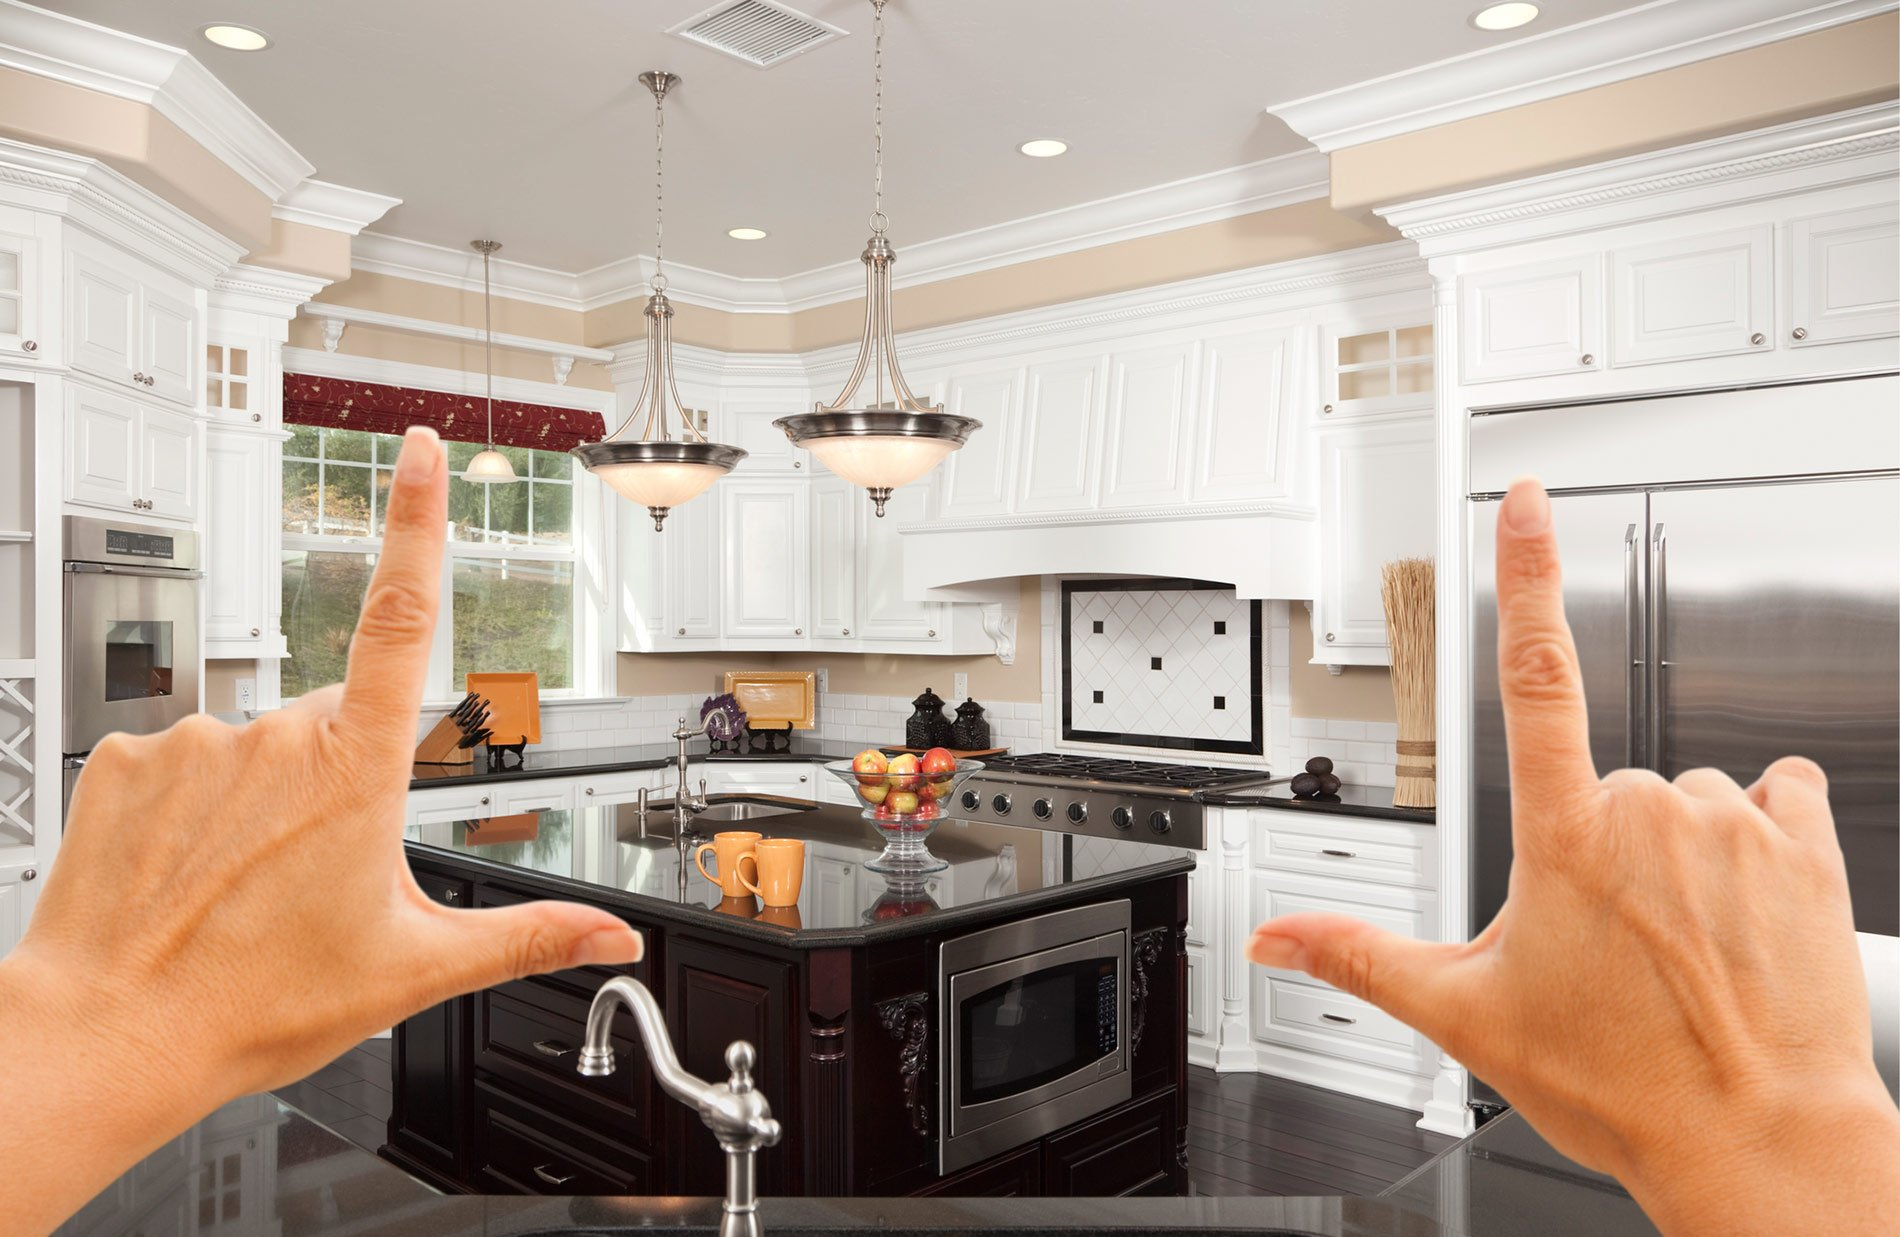 New england kitchen design center kitchen bathroom - Miami design center kitchen bath closets ...